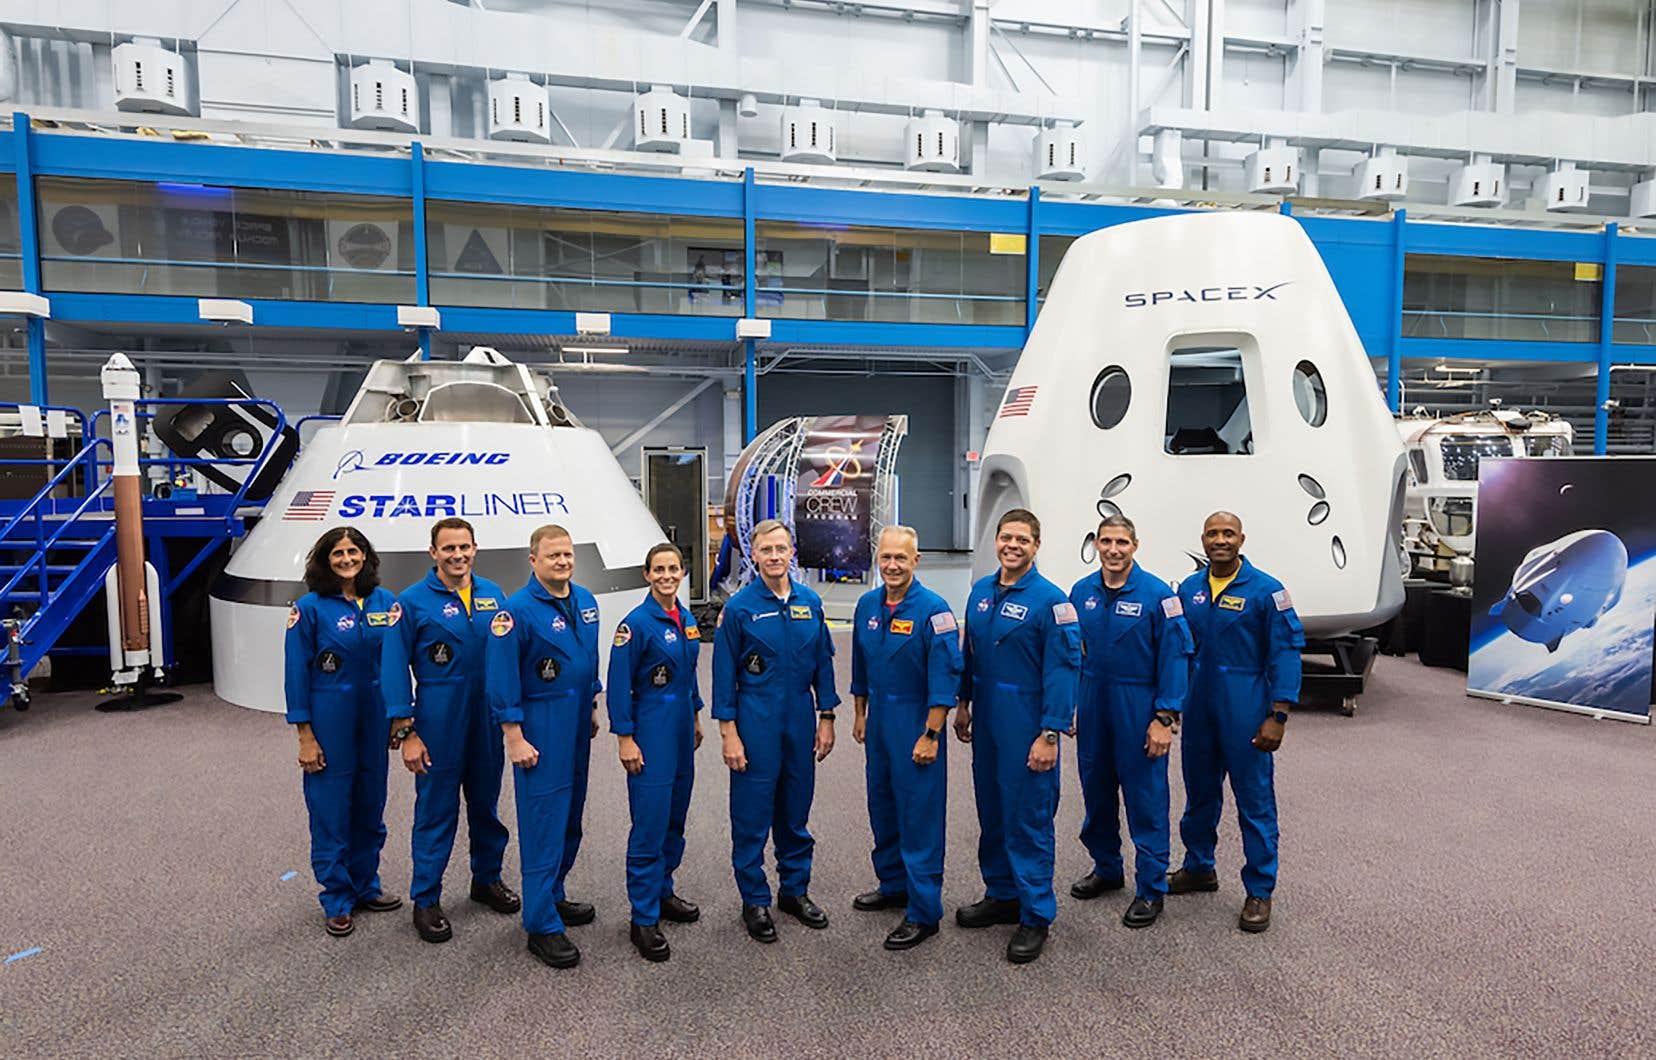 Les premiers astronautes américains qui piloteront des engins spatiaux commerciaux de fabrication américaine à destination et en provenance de la Station spatiale internationale